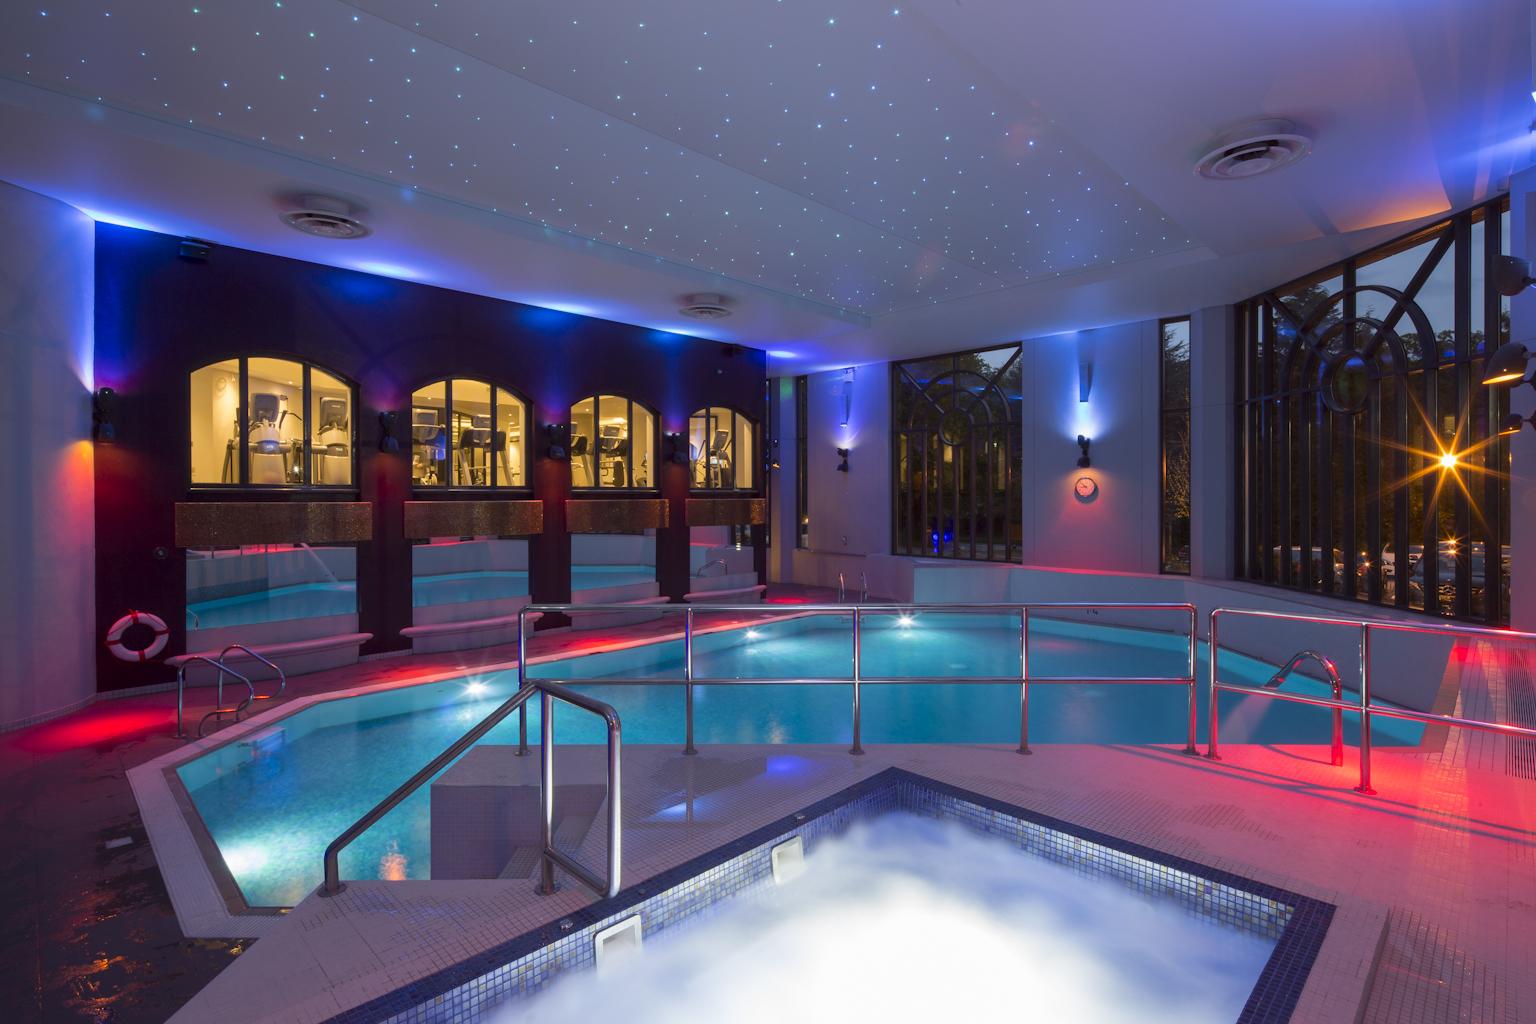 Beaconsfield Spa Hotel